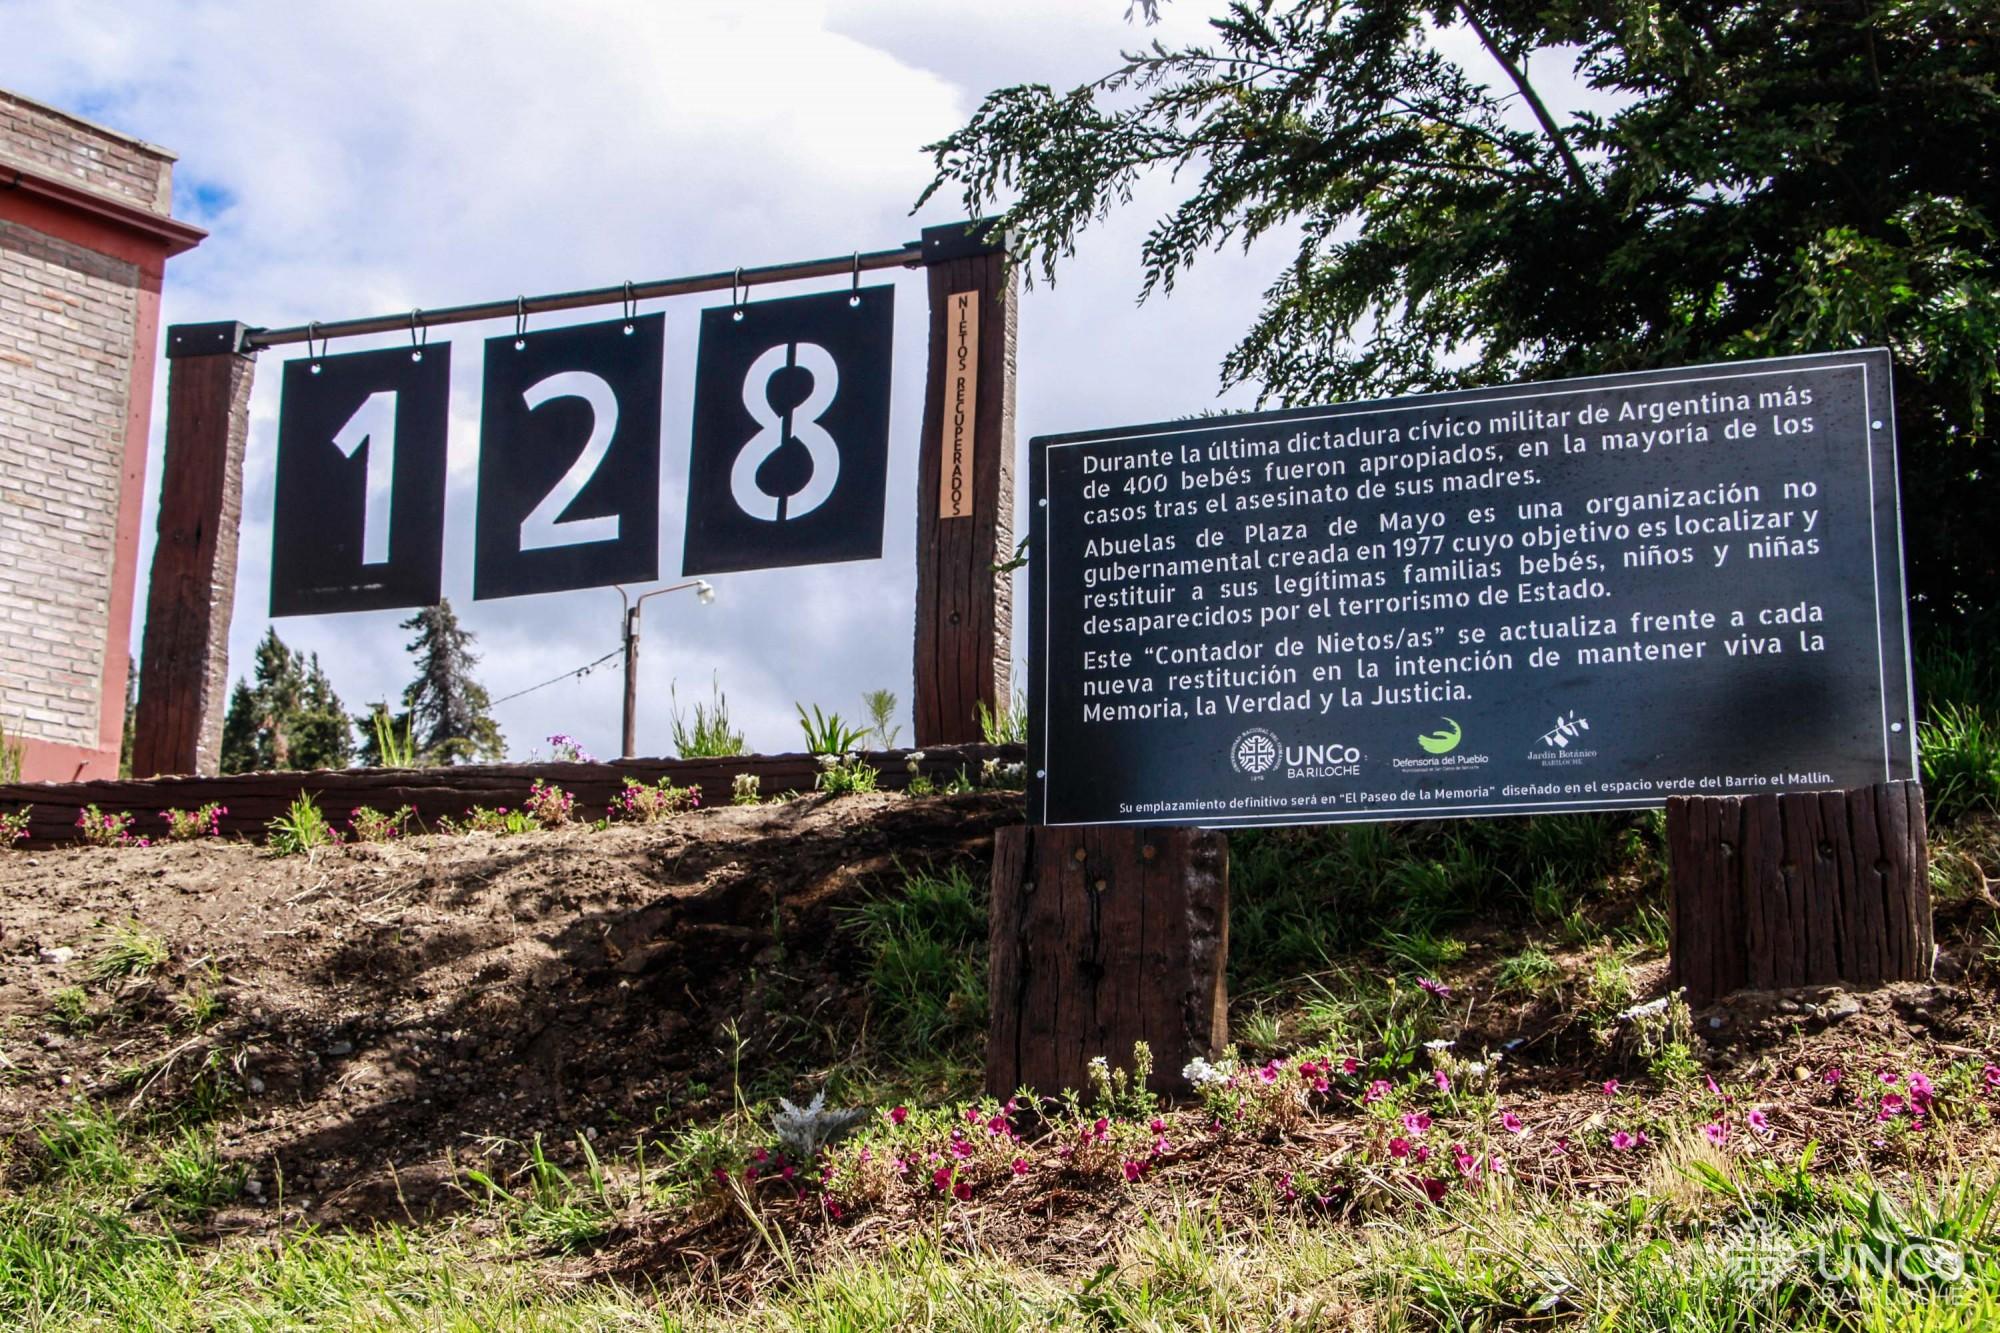 Jornadas DDHH UNCo Bariloche-37